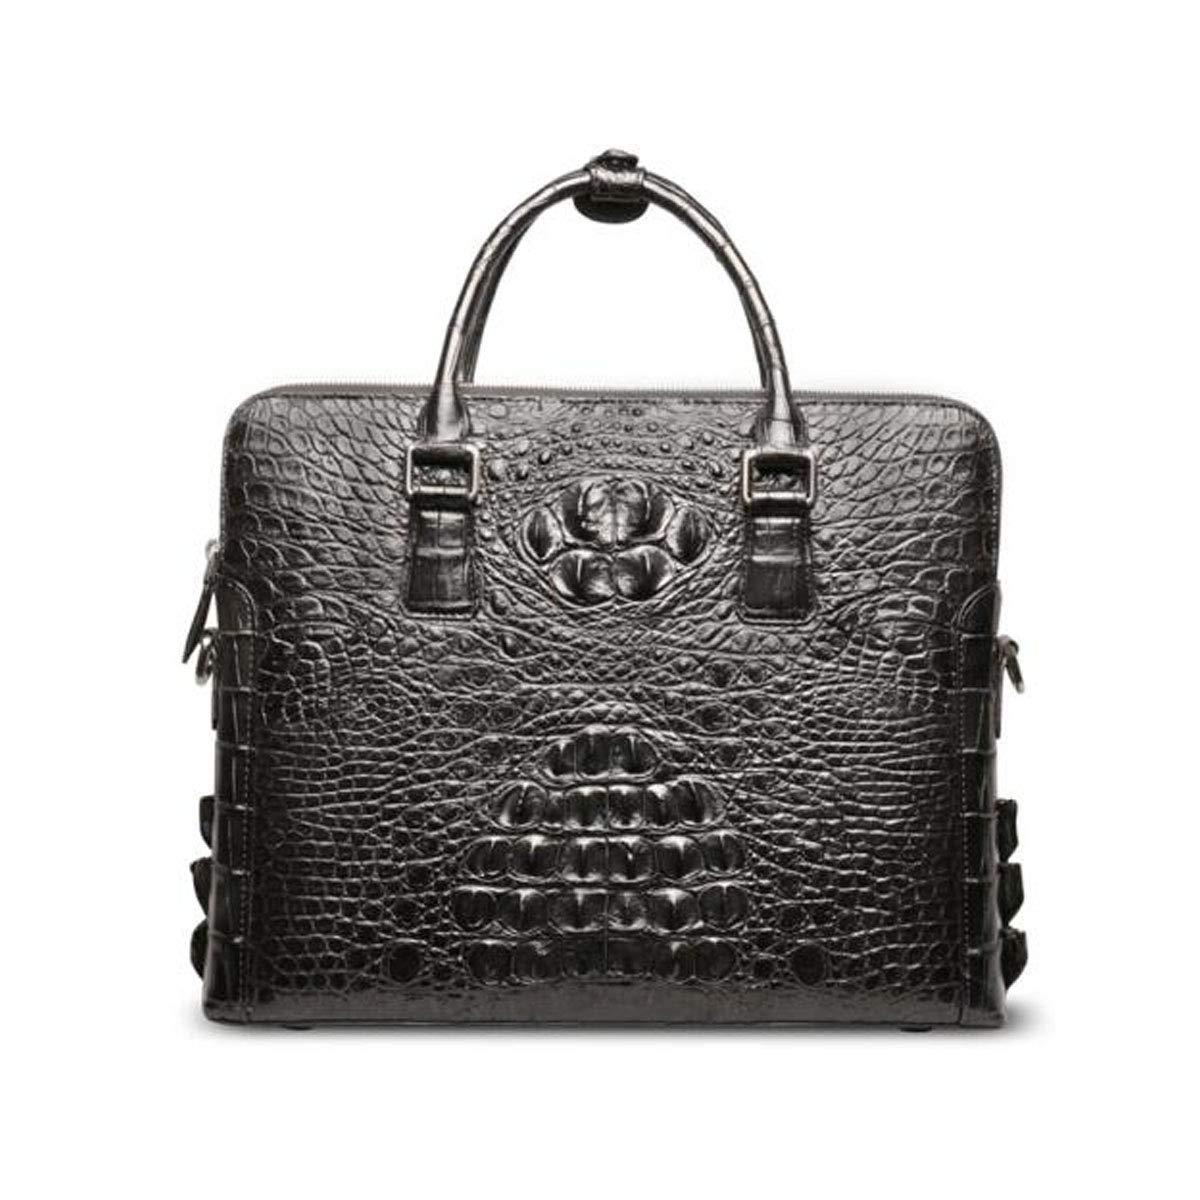 ブリーフケース、2018新しいメンズワニ革ハンドバッグ、ワニ革男性のビジネスショルダーバッグ、大容量コンピュータバッグ、ブラックサイズ:37 * 7 * 29 cm B07RBK8RQM ブラック